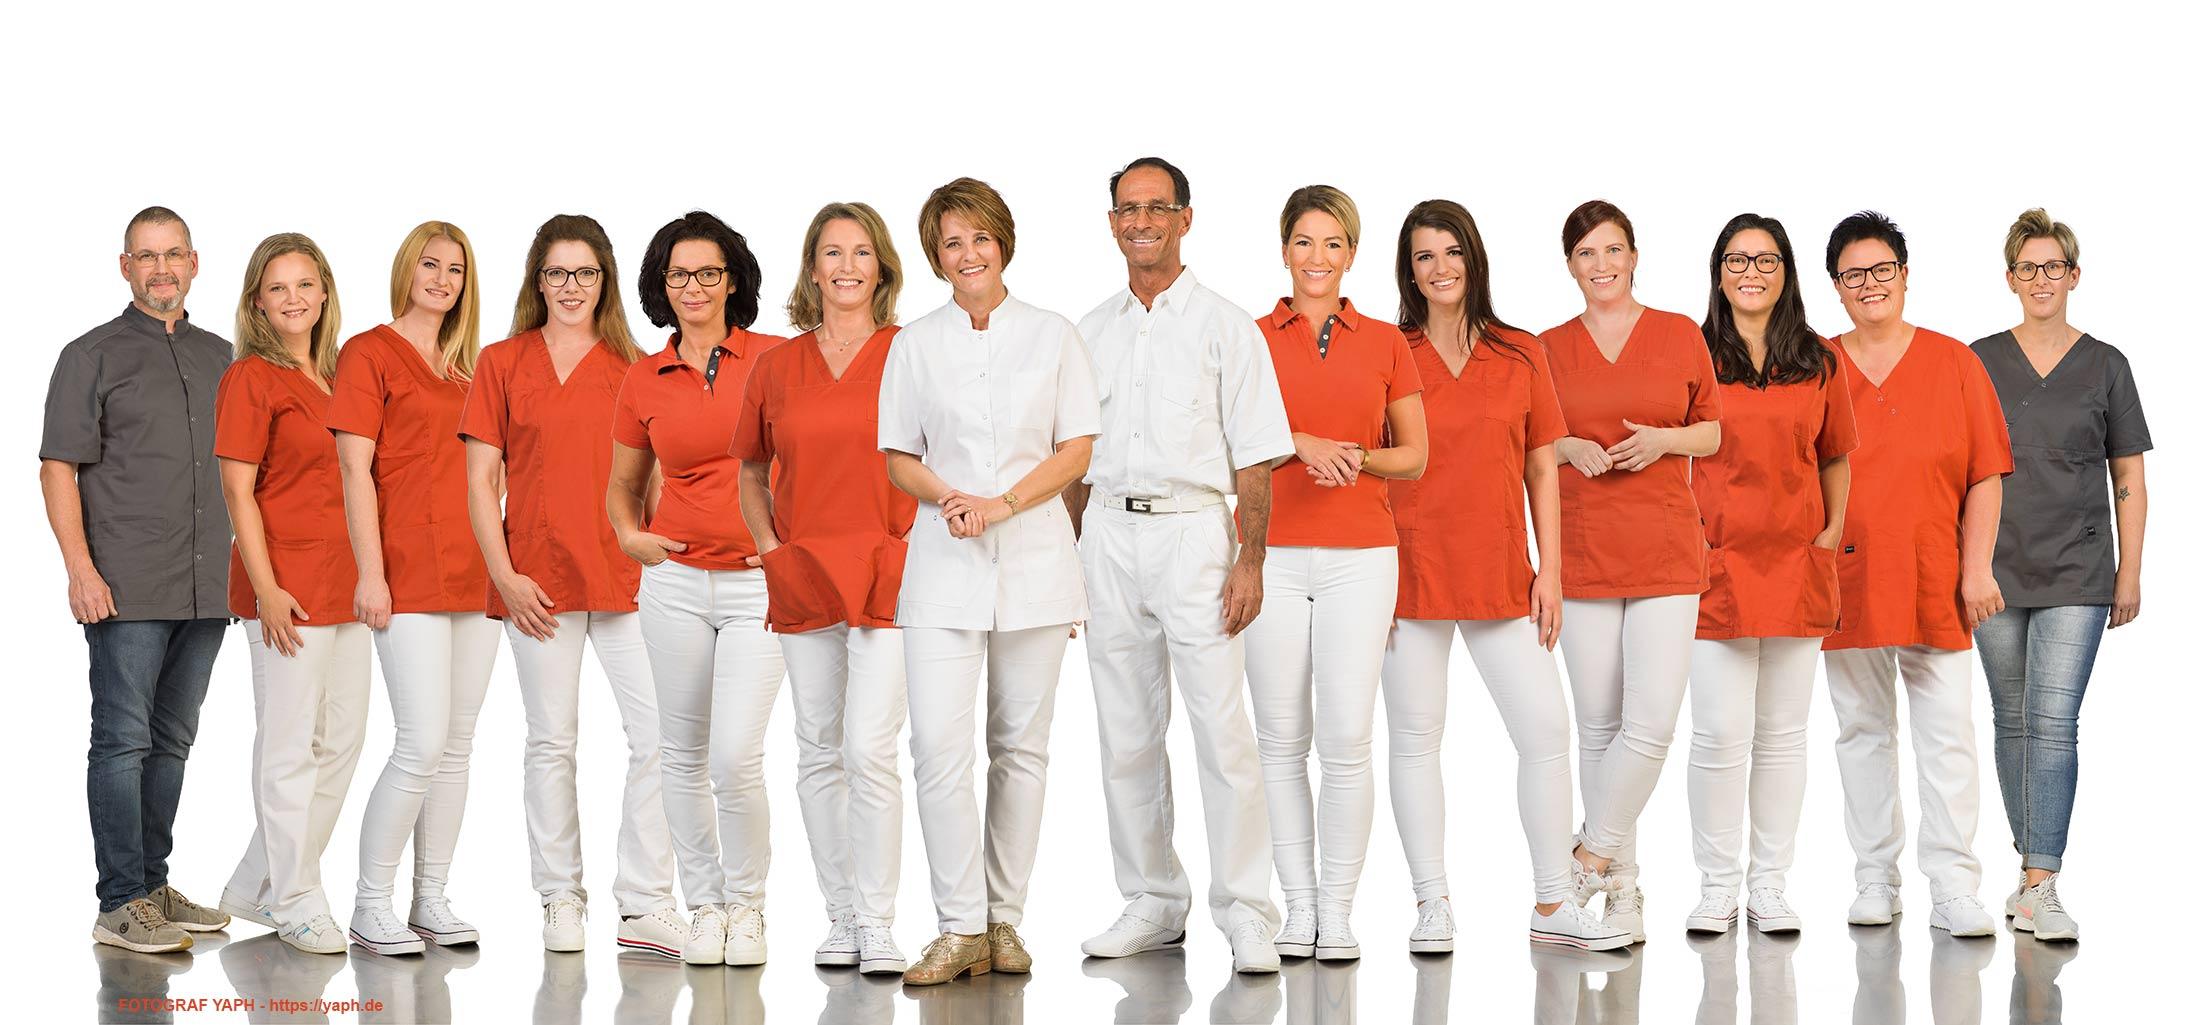 Teamfoto und Mitarbeiterportraits Praxis Dr. Wagner - Dr. Richter bei Fotograf Yaph